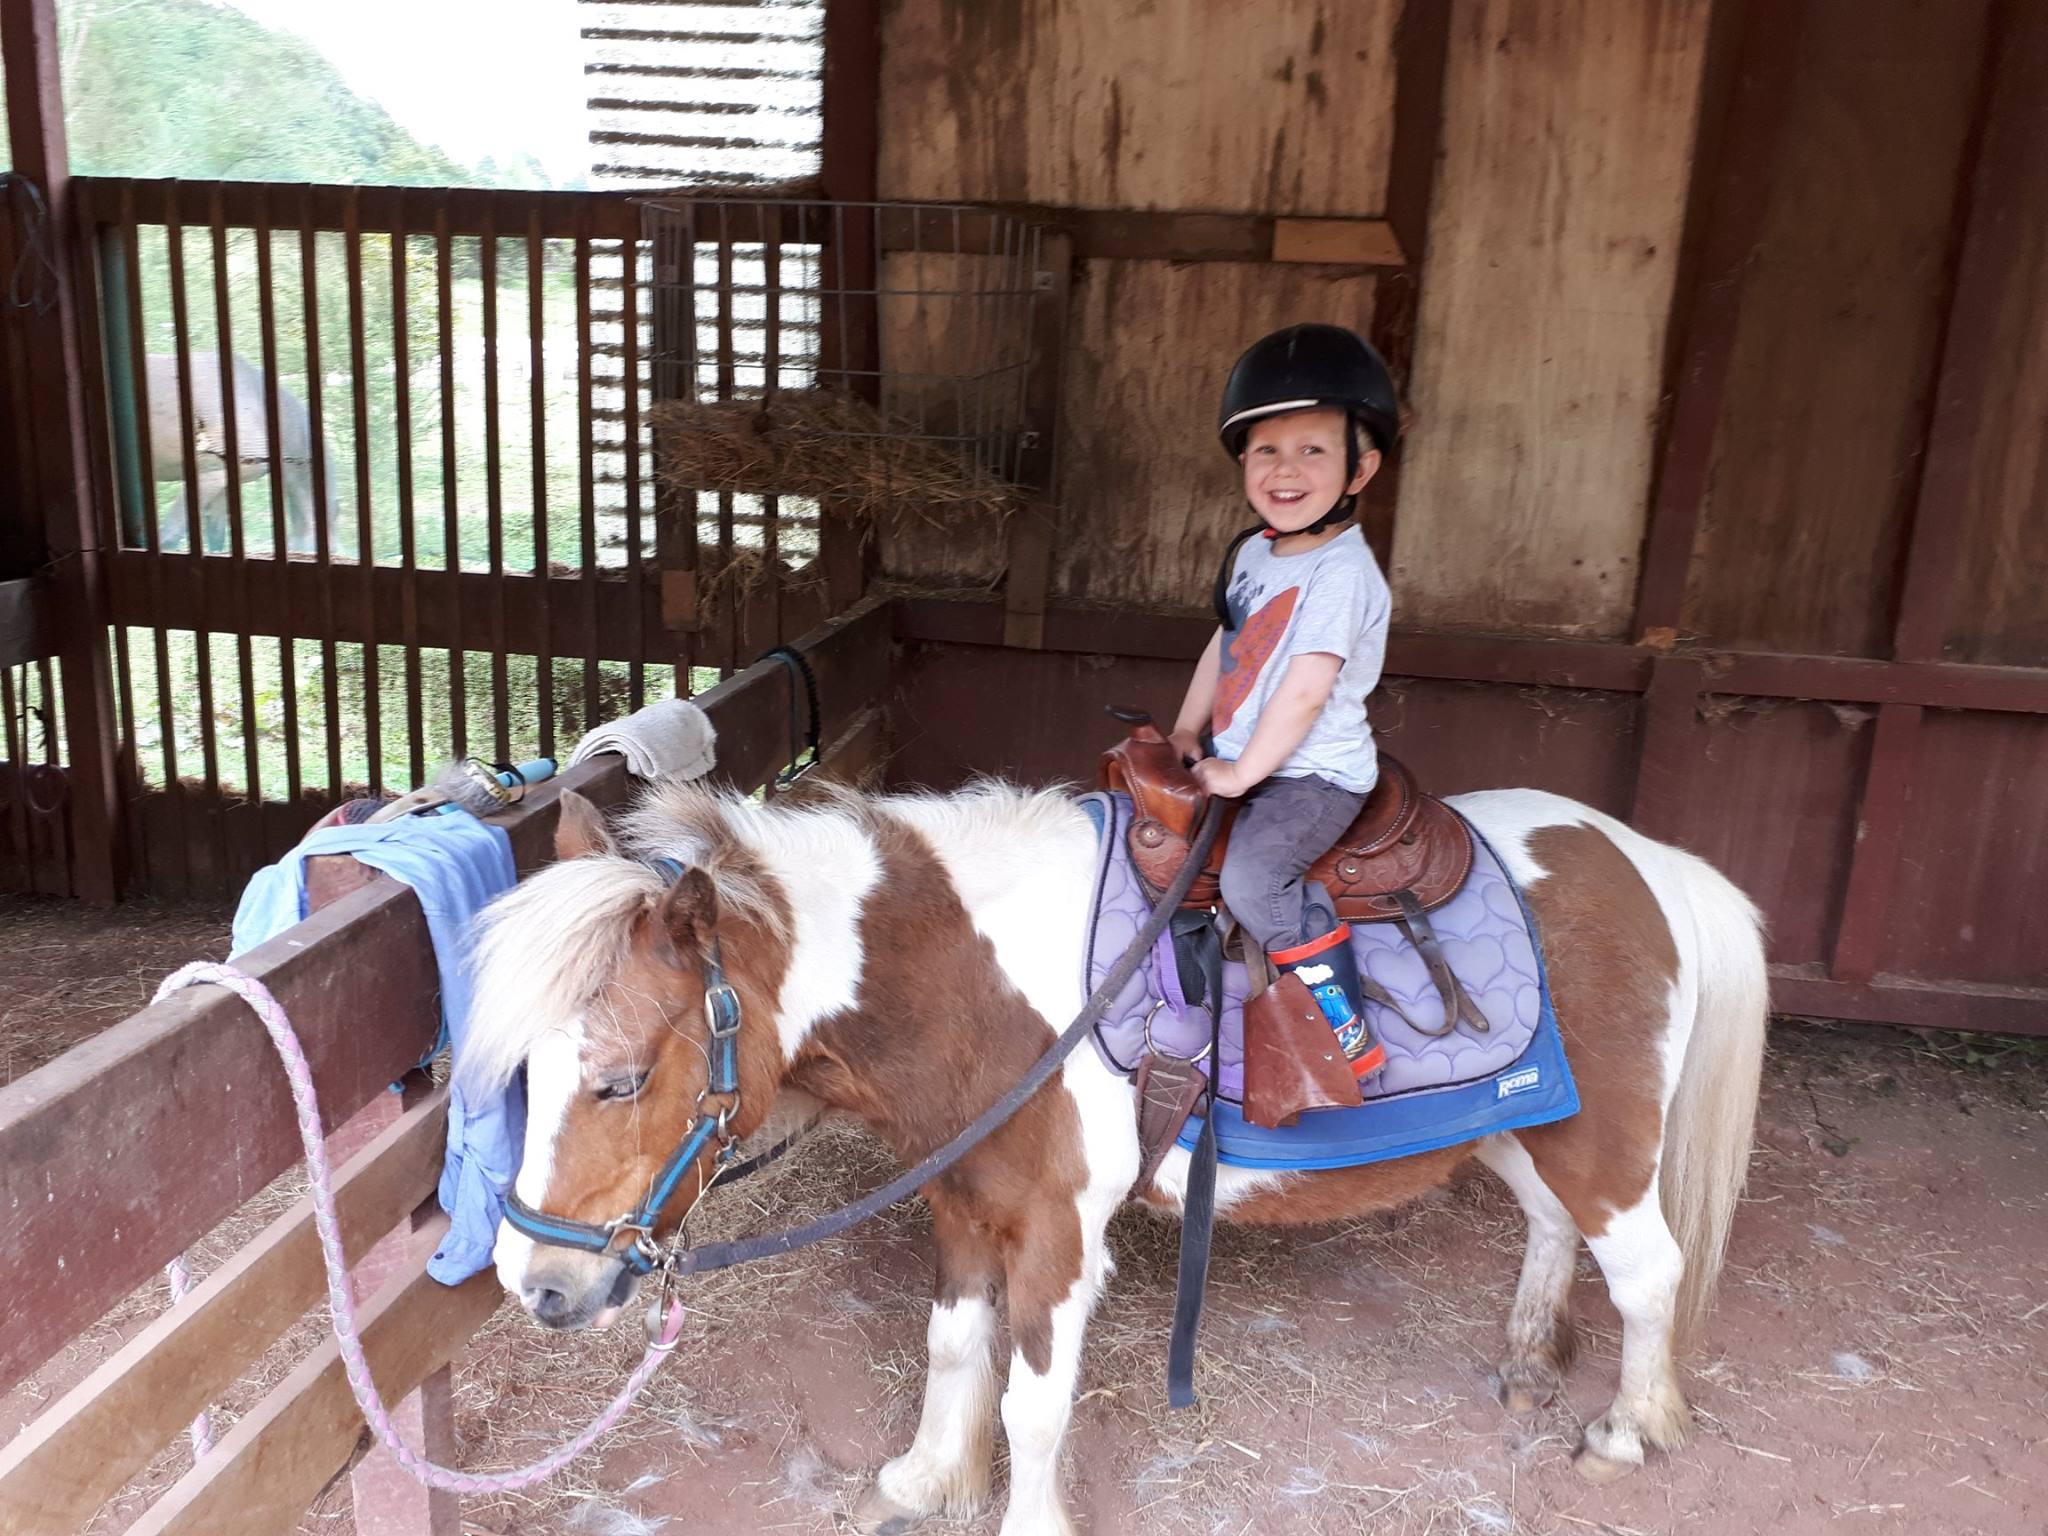 Horses Pic 1